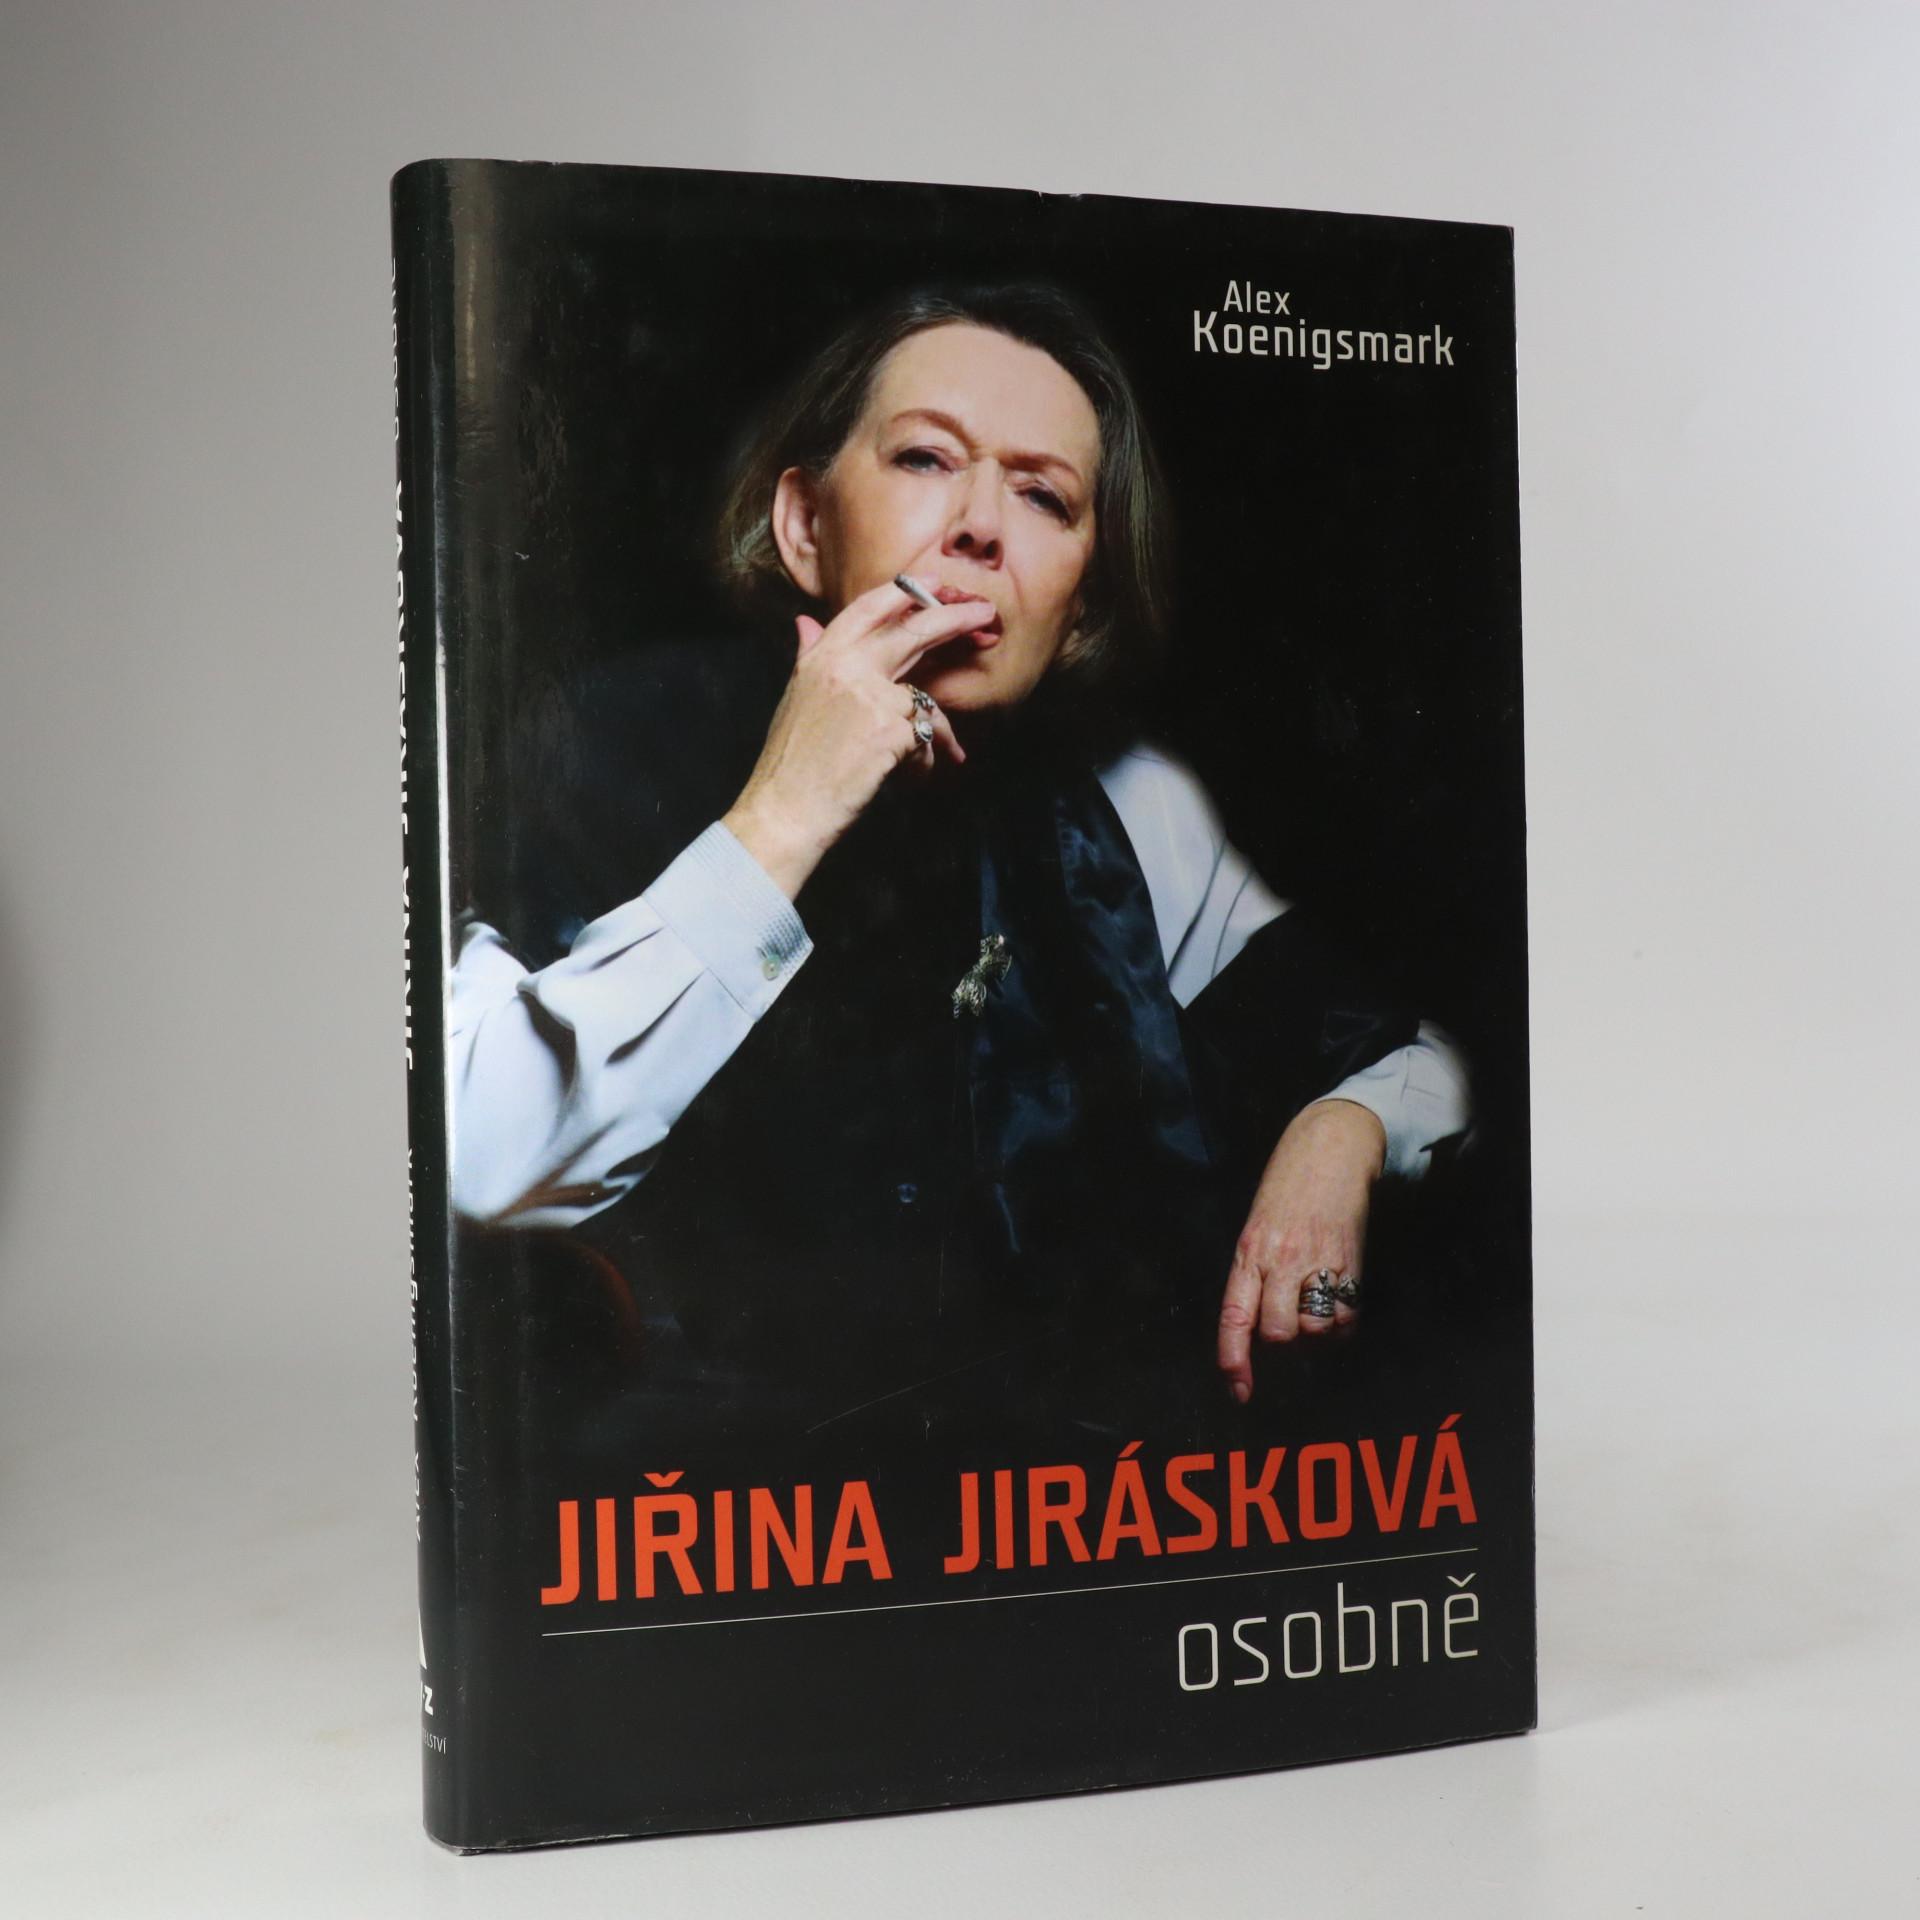 antikvární kniha Jiřina Jirásková osobně, 2008